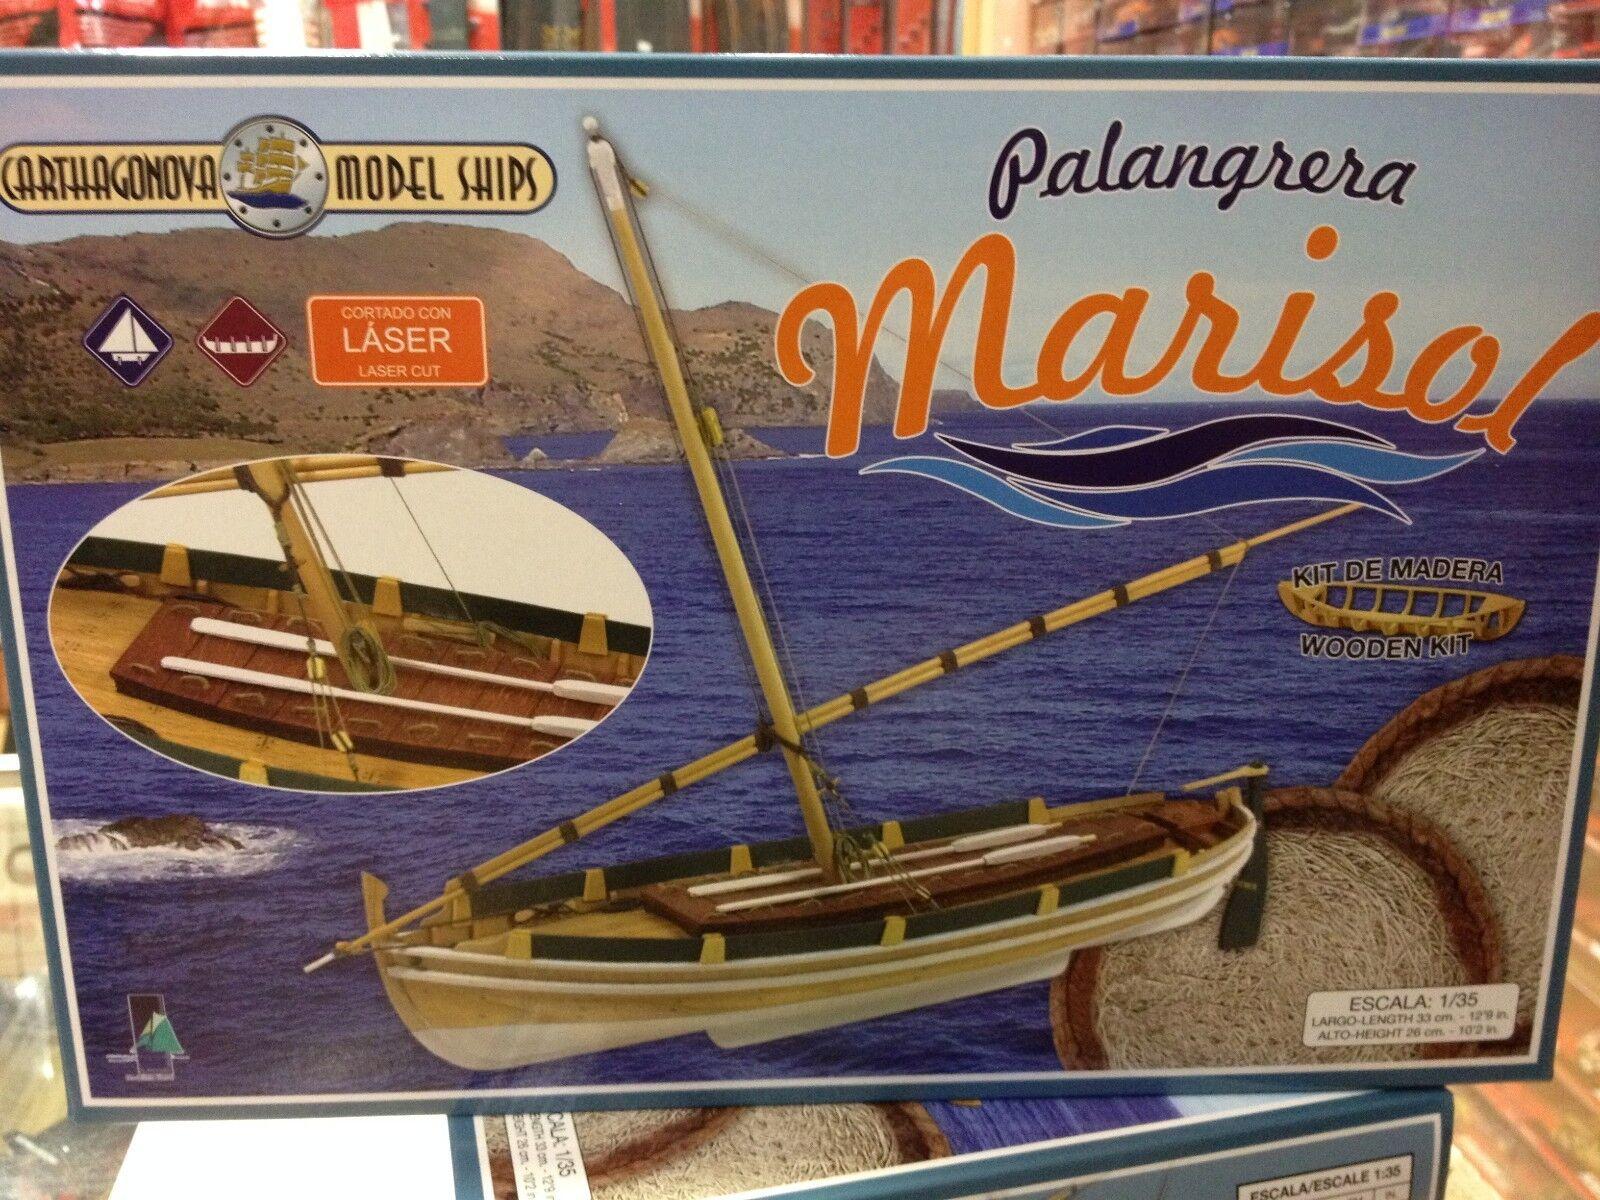 BARCO MADERA PALANGRERA  MARISOL  1 35 CARTHAGONOVA